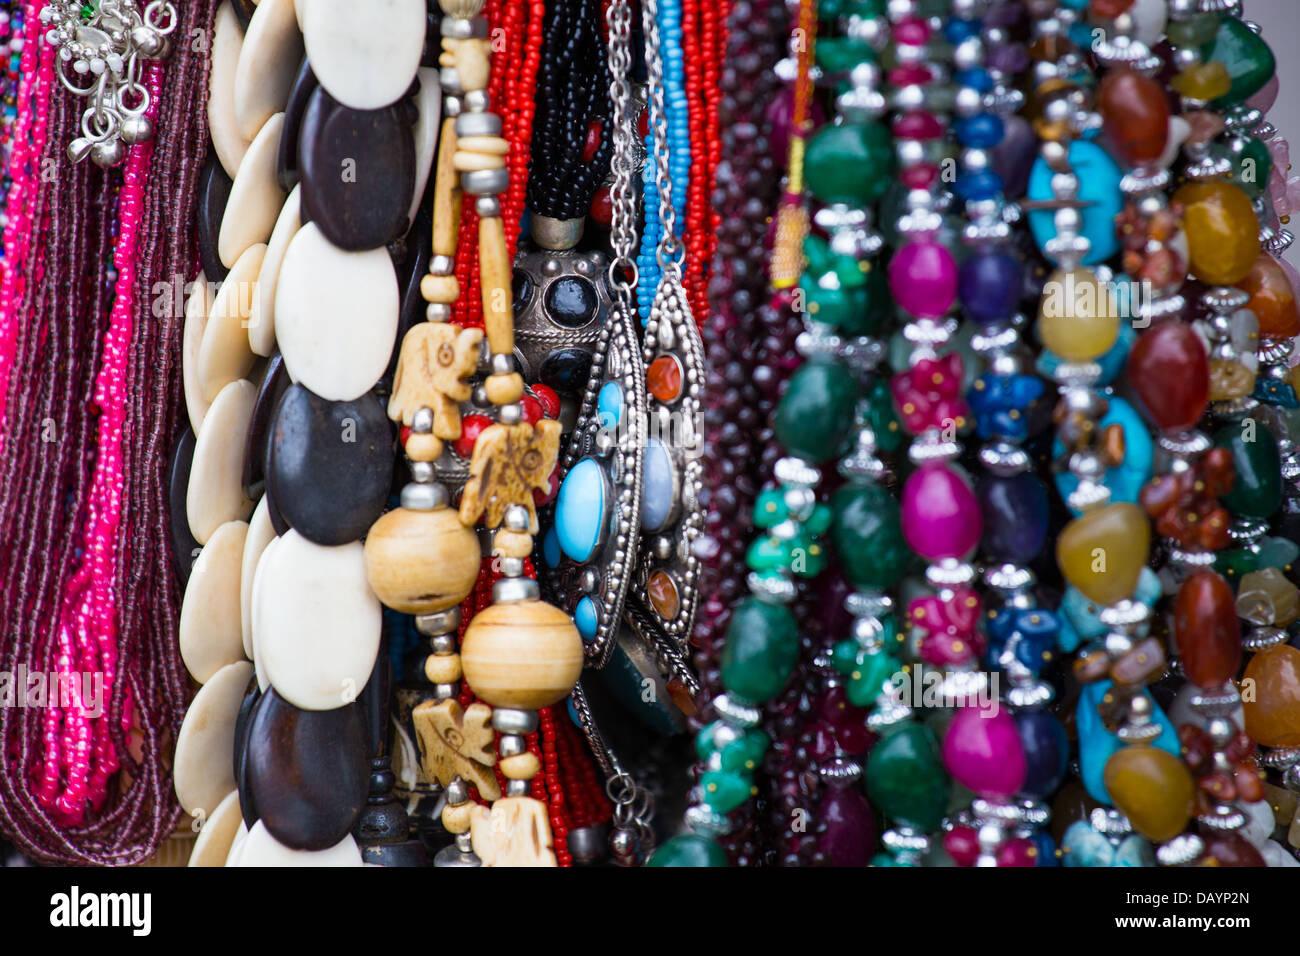 Recuerdo joyería en Fatehpur Sikri, India Imagen De Stock